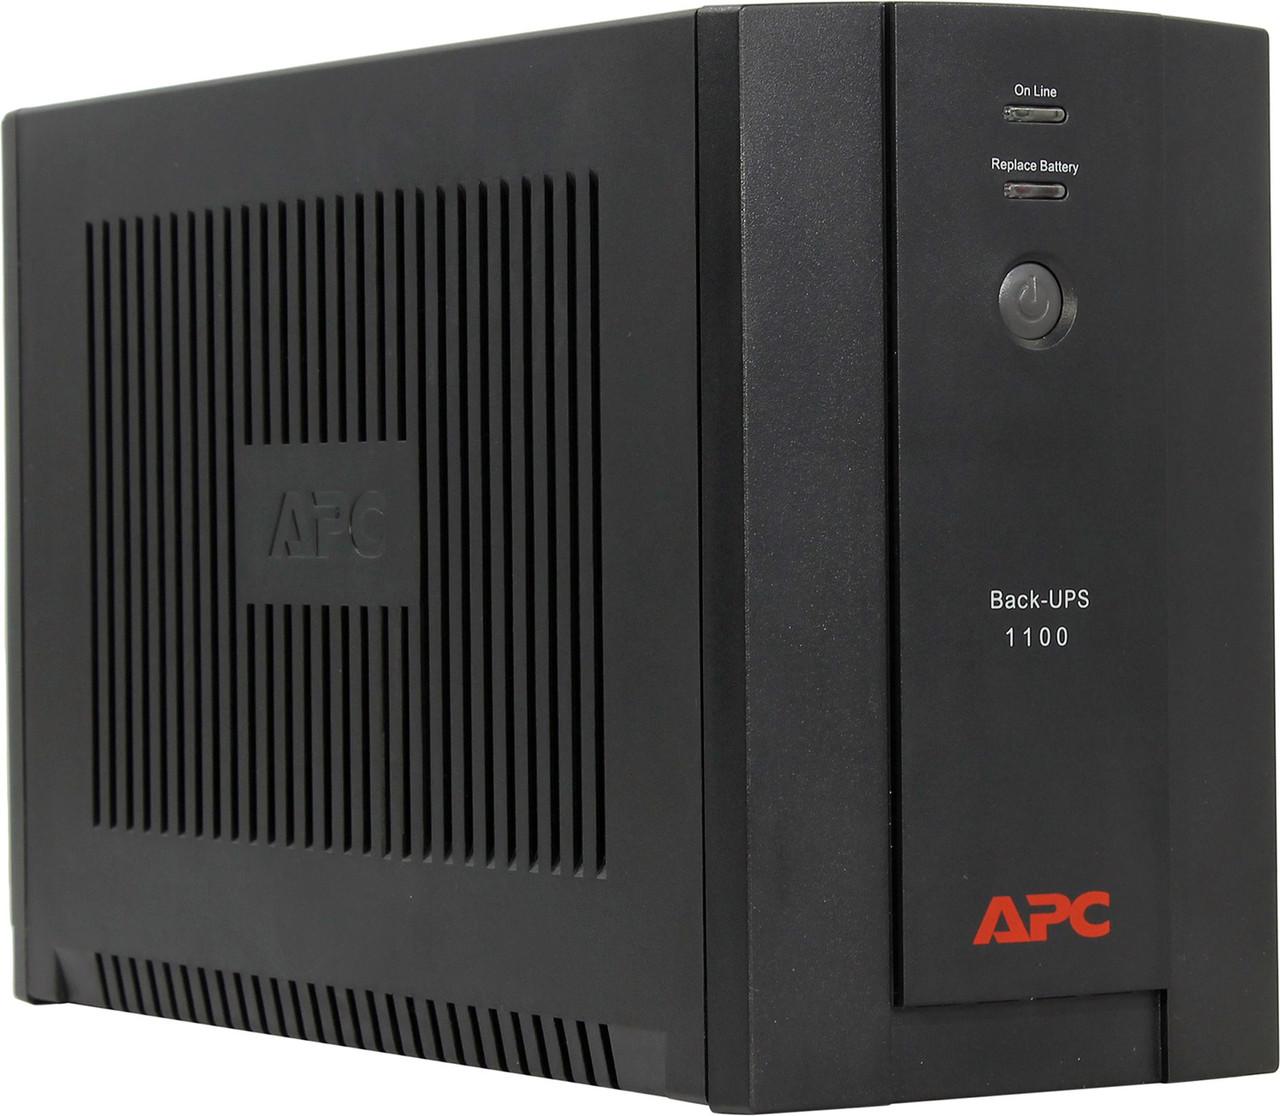 ИБП APC Back-UPS 1100VA IEC